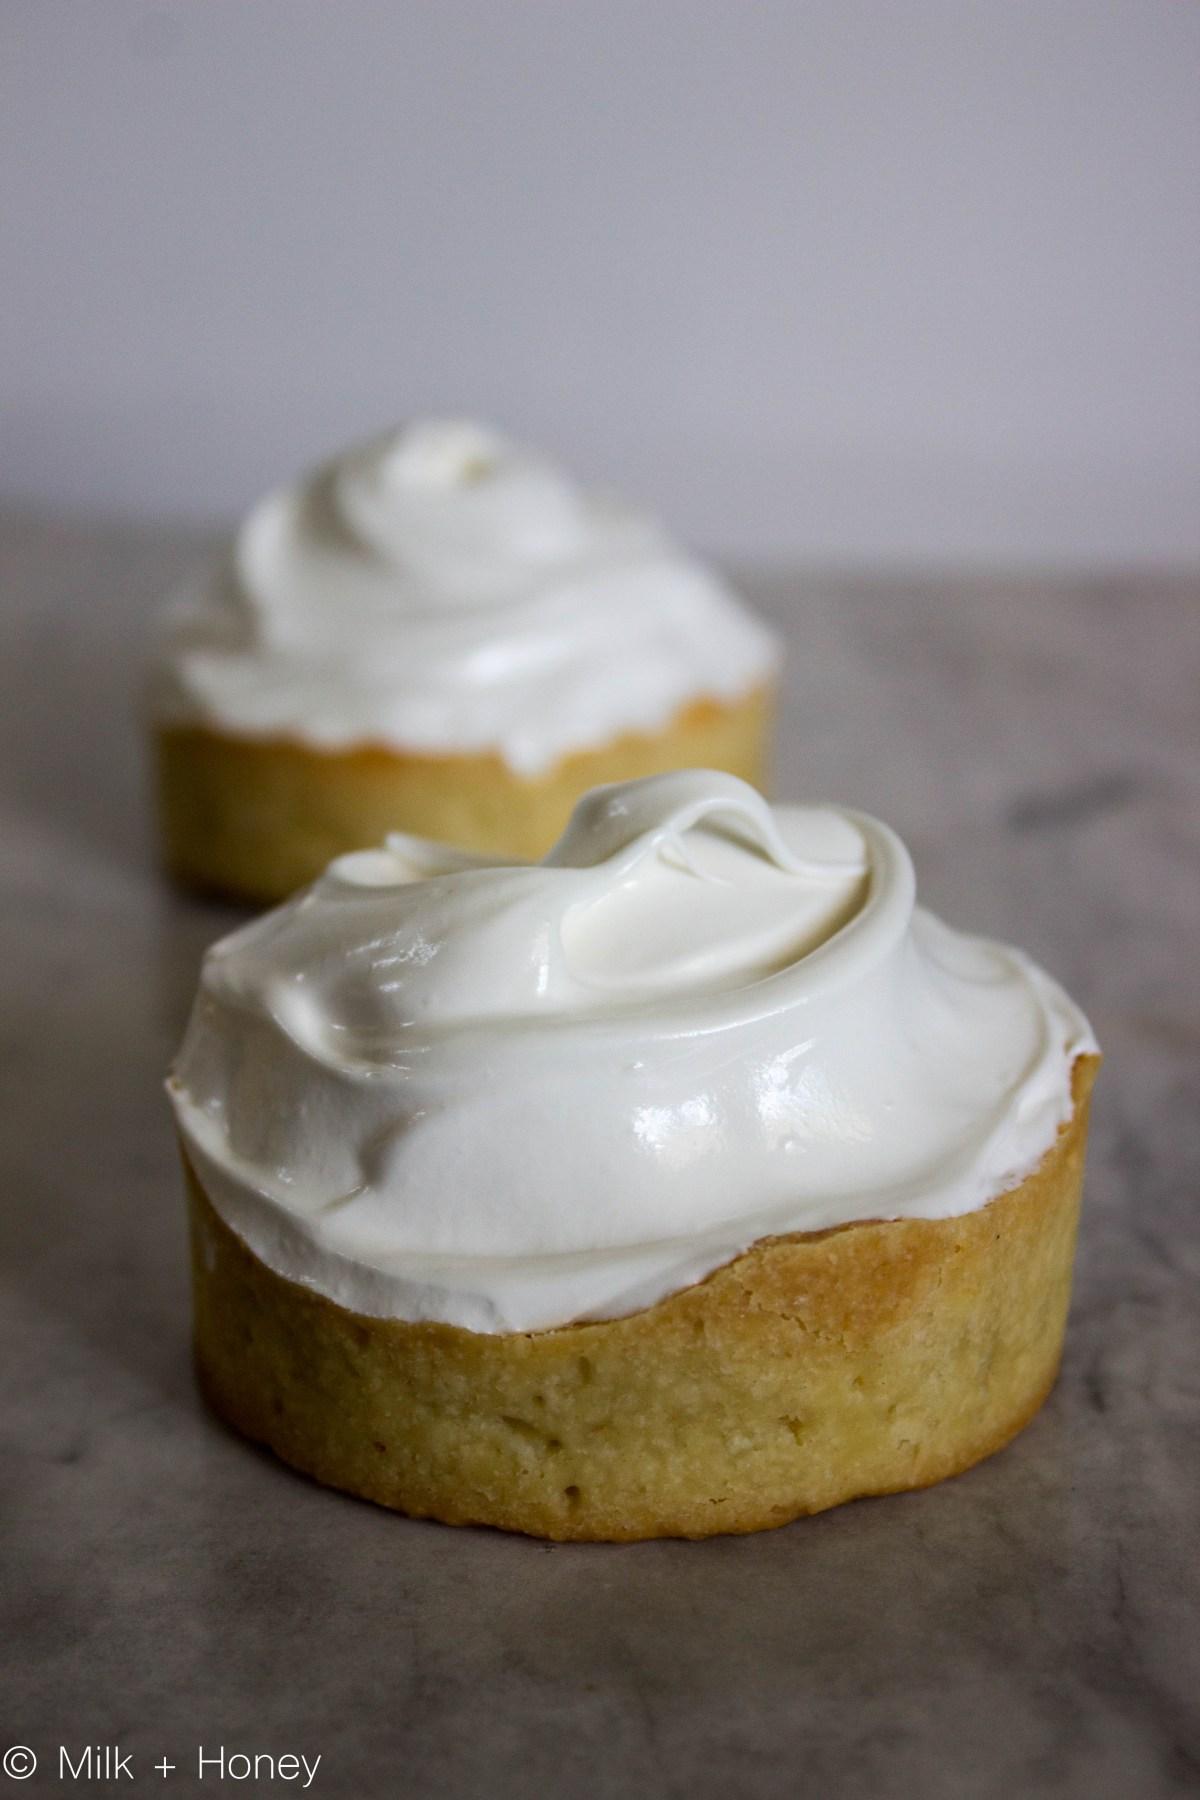 Lemon Meringue Pie. The untouched meringue